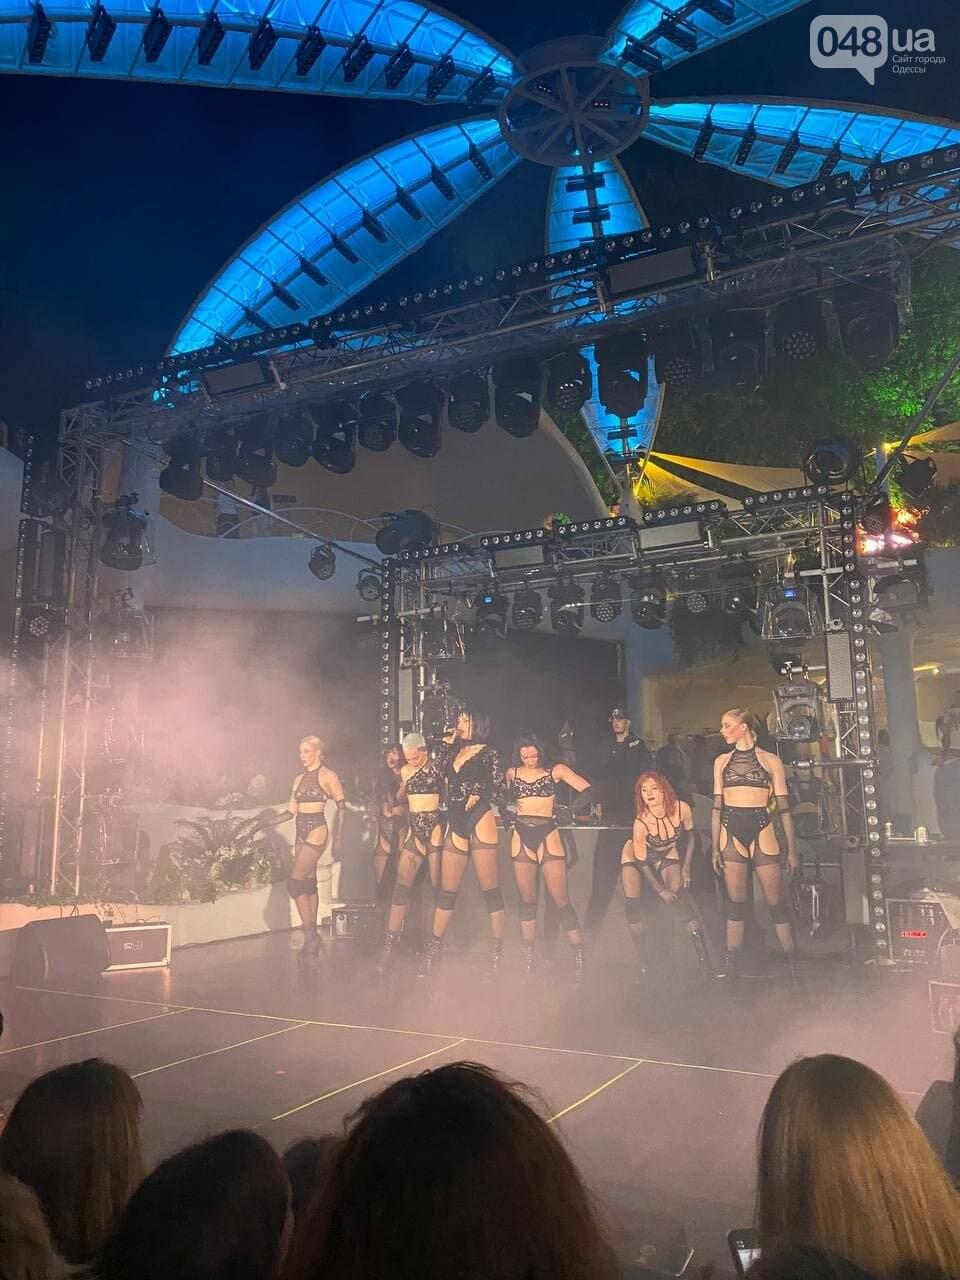 Марув в Одессе спела новый трек и полила фанатов шампанским,- ФОТО, ВИДЕО, фото-1